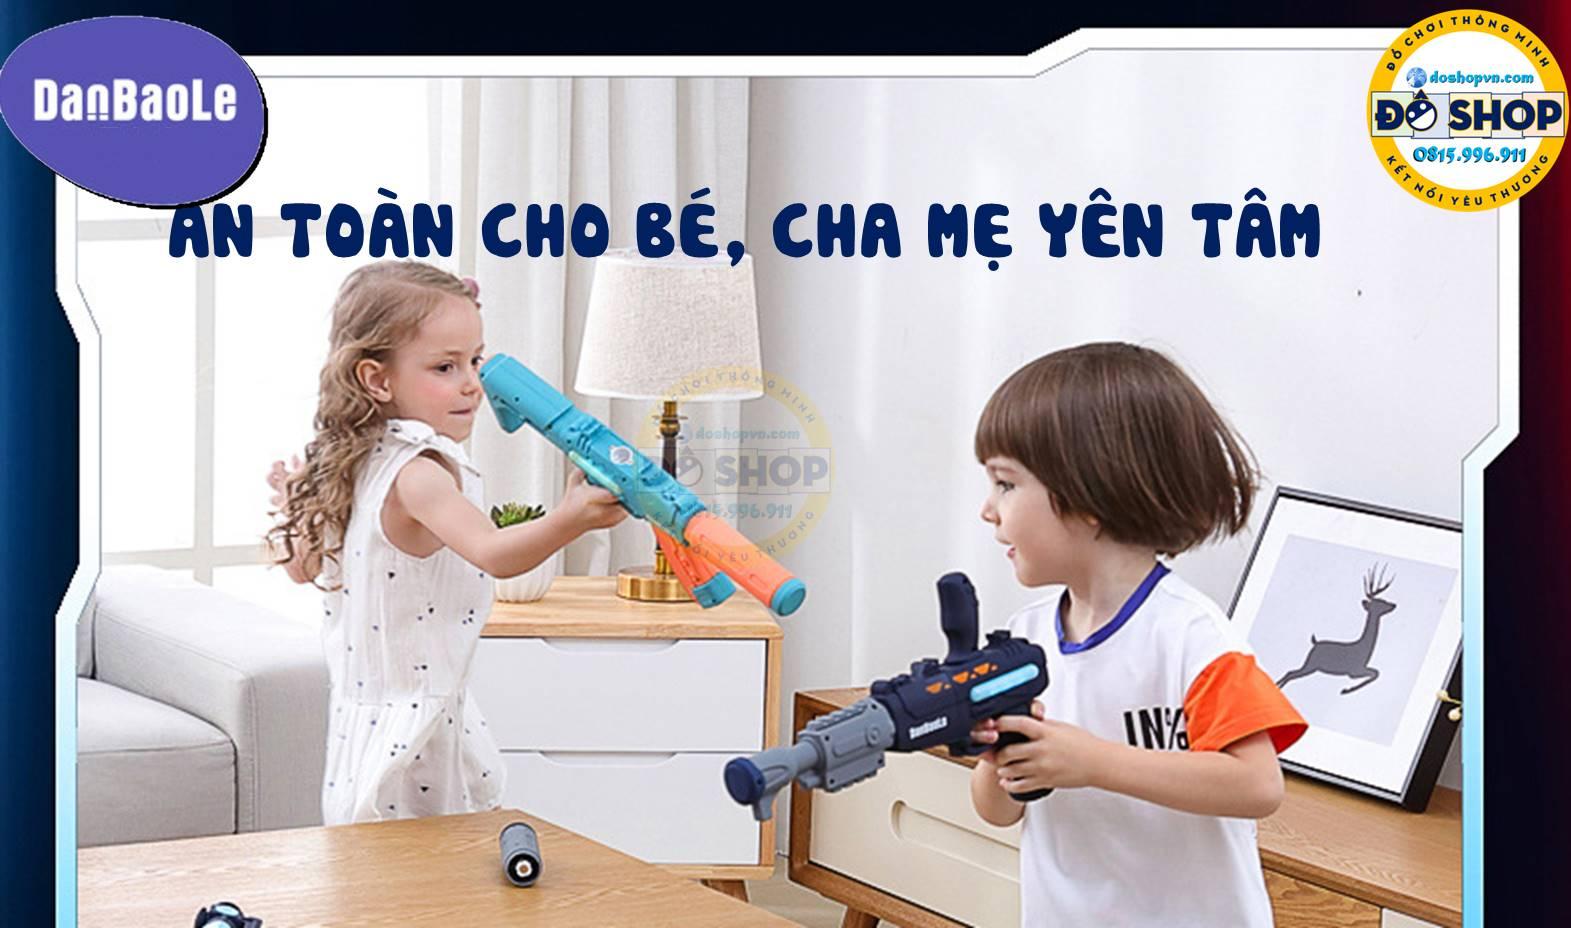 Đồ Chơi Cho Trẻ 18 Tháng Tuổi - Đô Shop